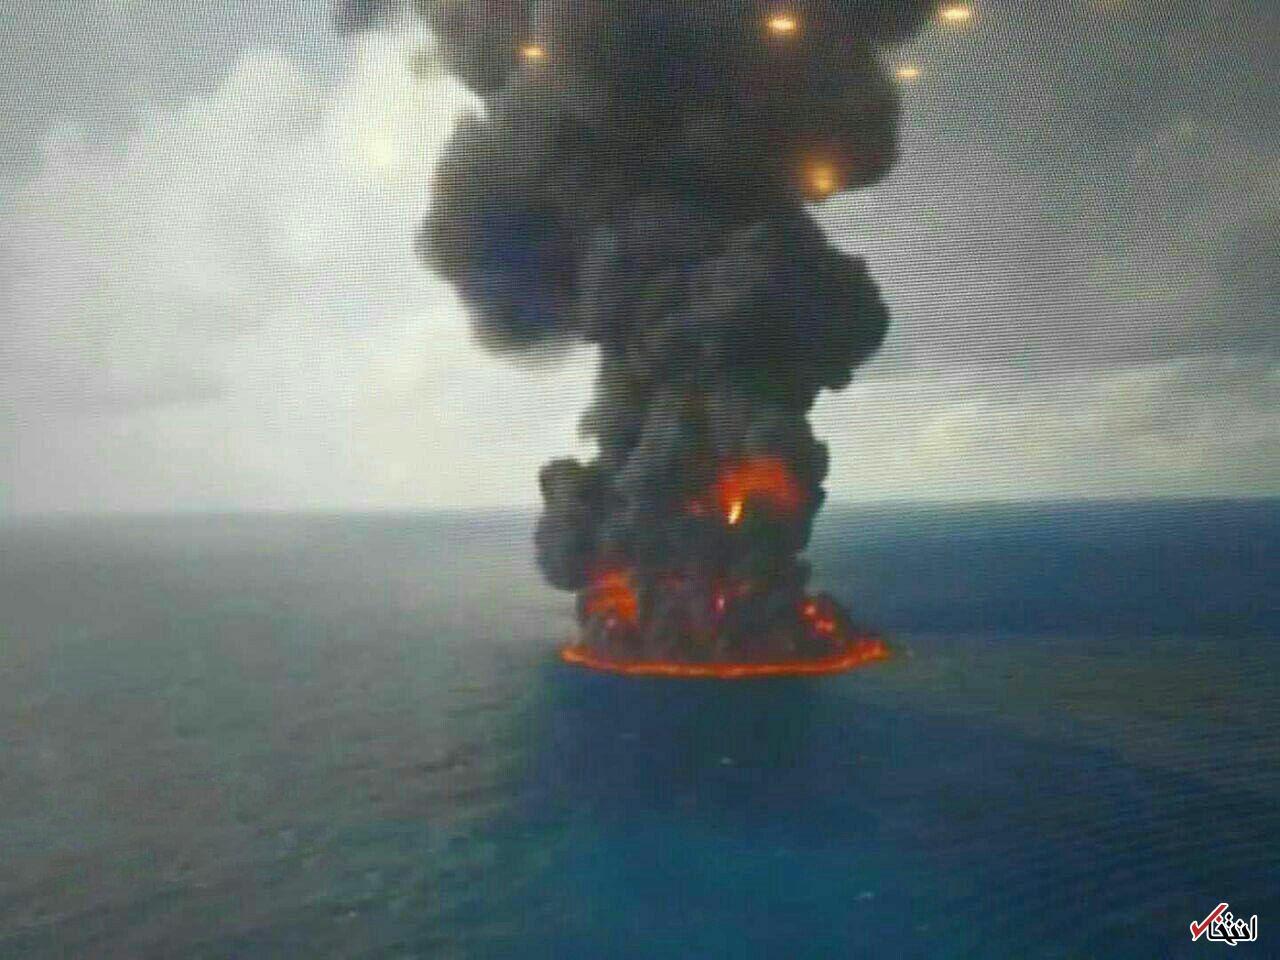 نتیجه تصویری برای کشتی سانچی